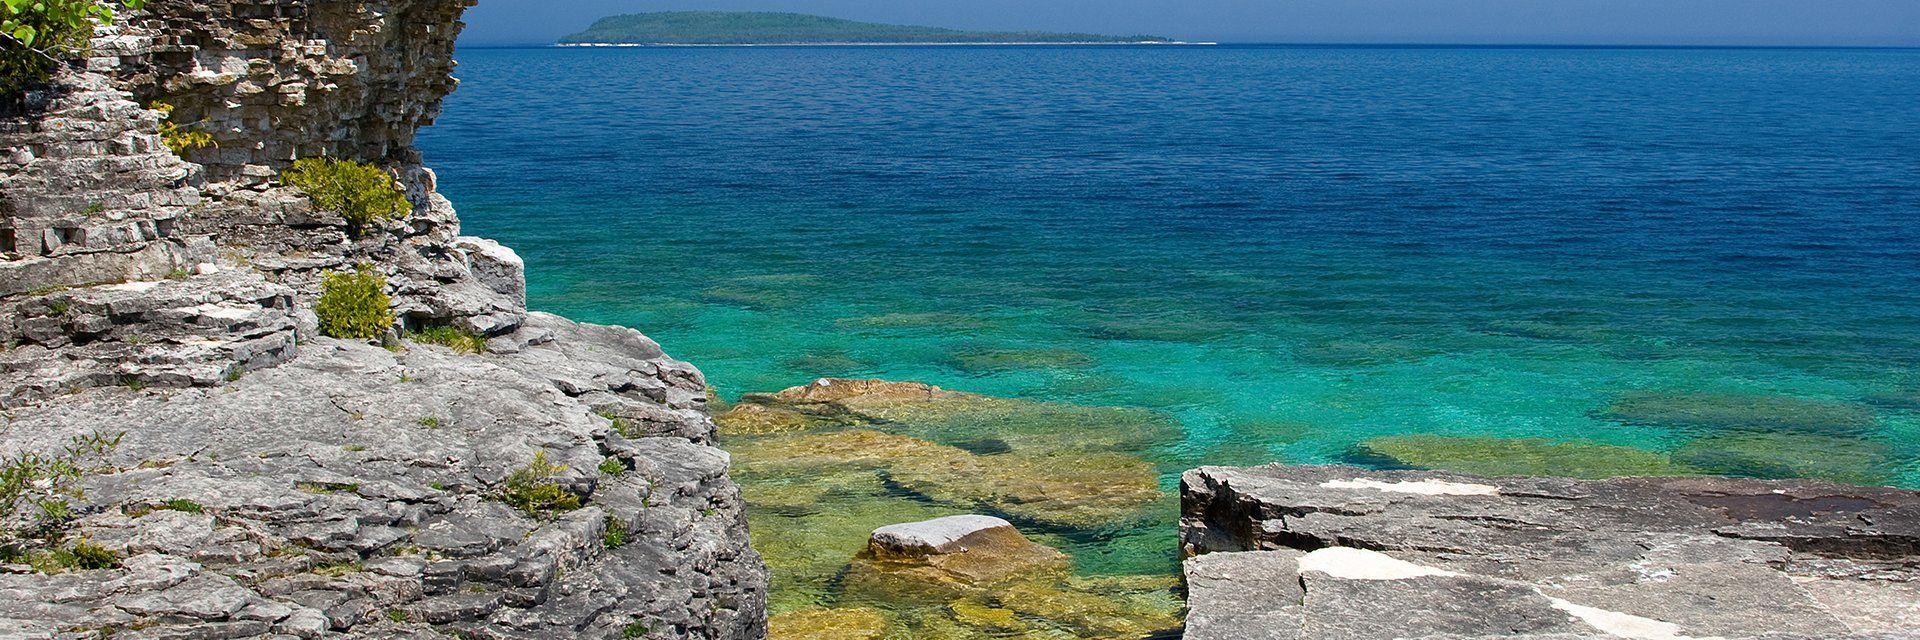 La baie Georgienne